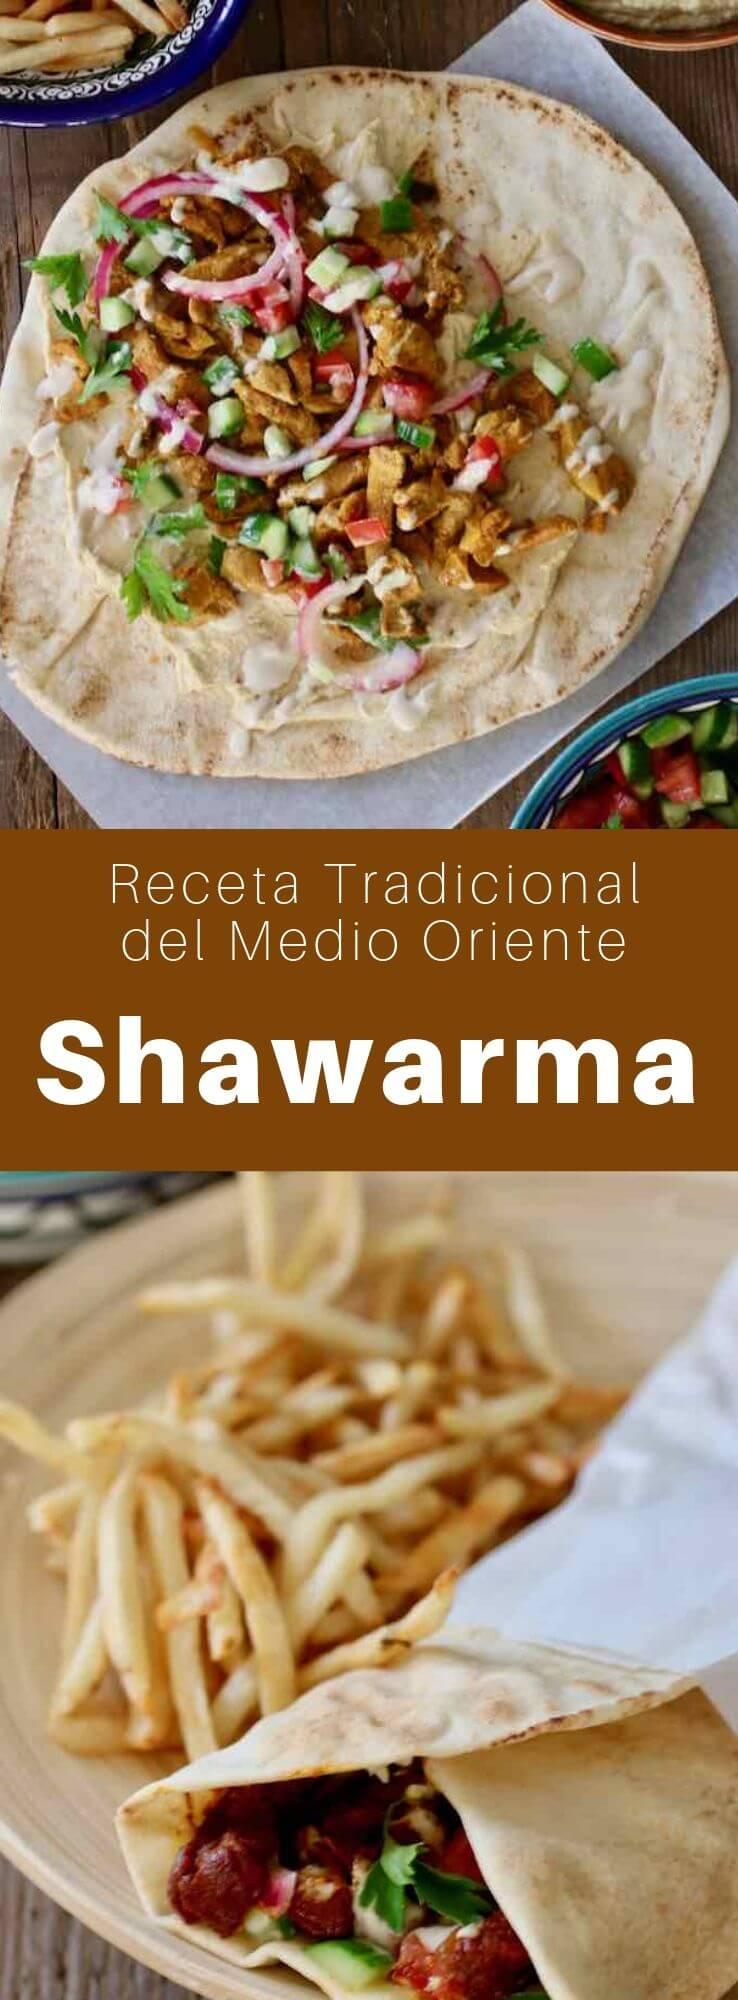 El shawarma es un plato popular en Siria, Turquía, Líbano, Egipto e Israel. A menudo se come como un sándwich con pan de pita. Se puede preparar con carne de cordero, pollo o res asada a fuego lento.